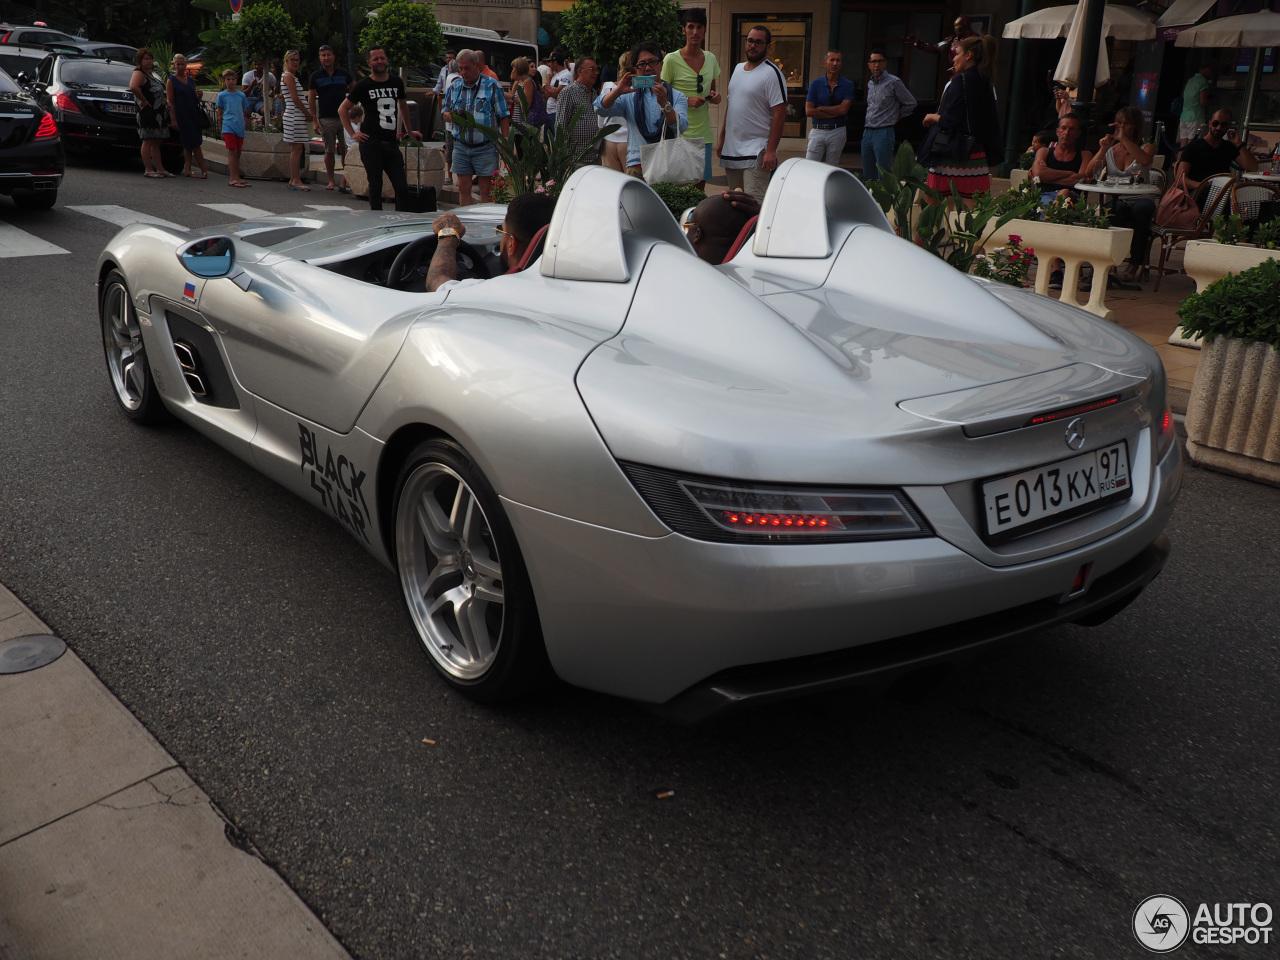 Mercedes benz slr mclaren stirling moss 10 august 2015 for Moss mercedes benz